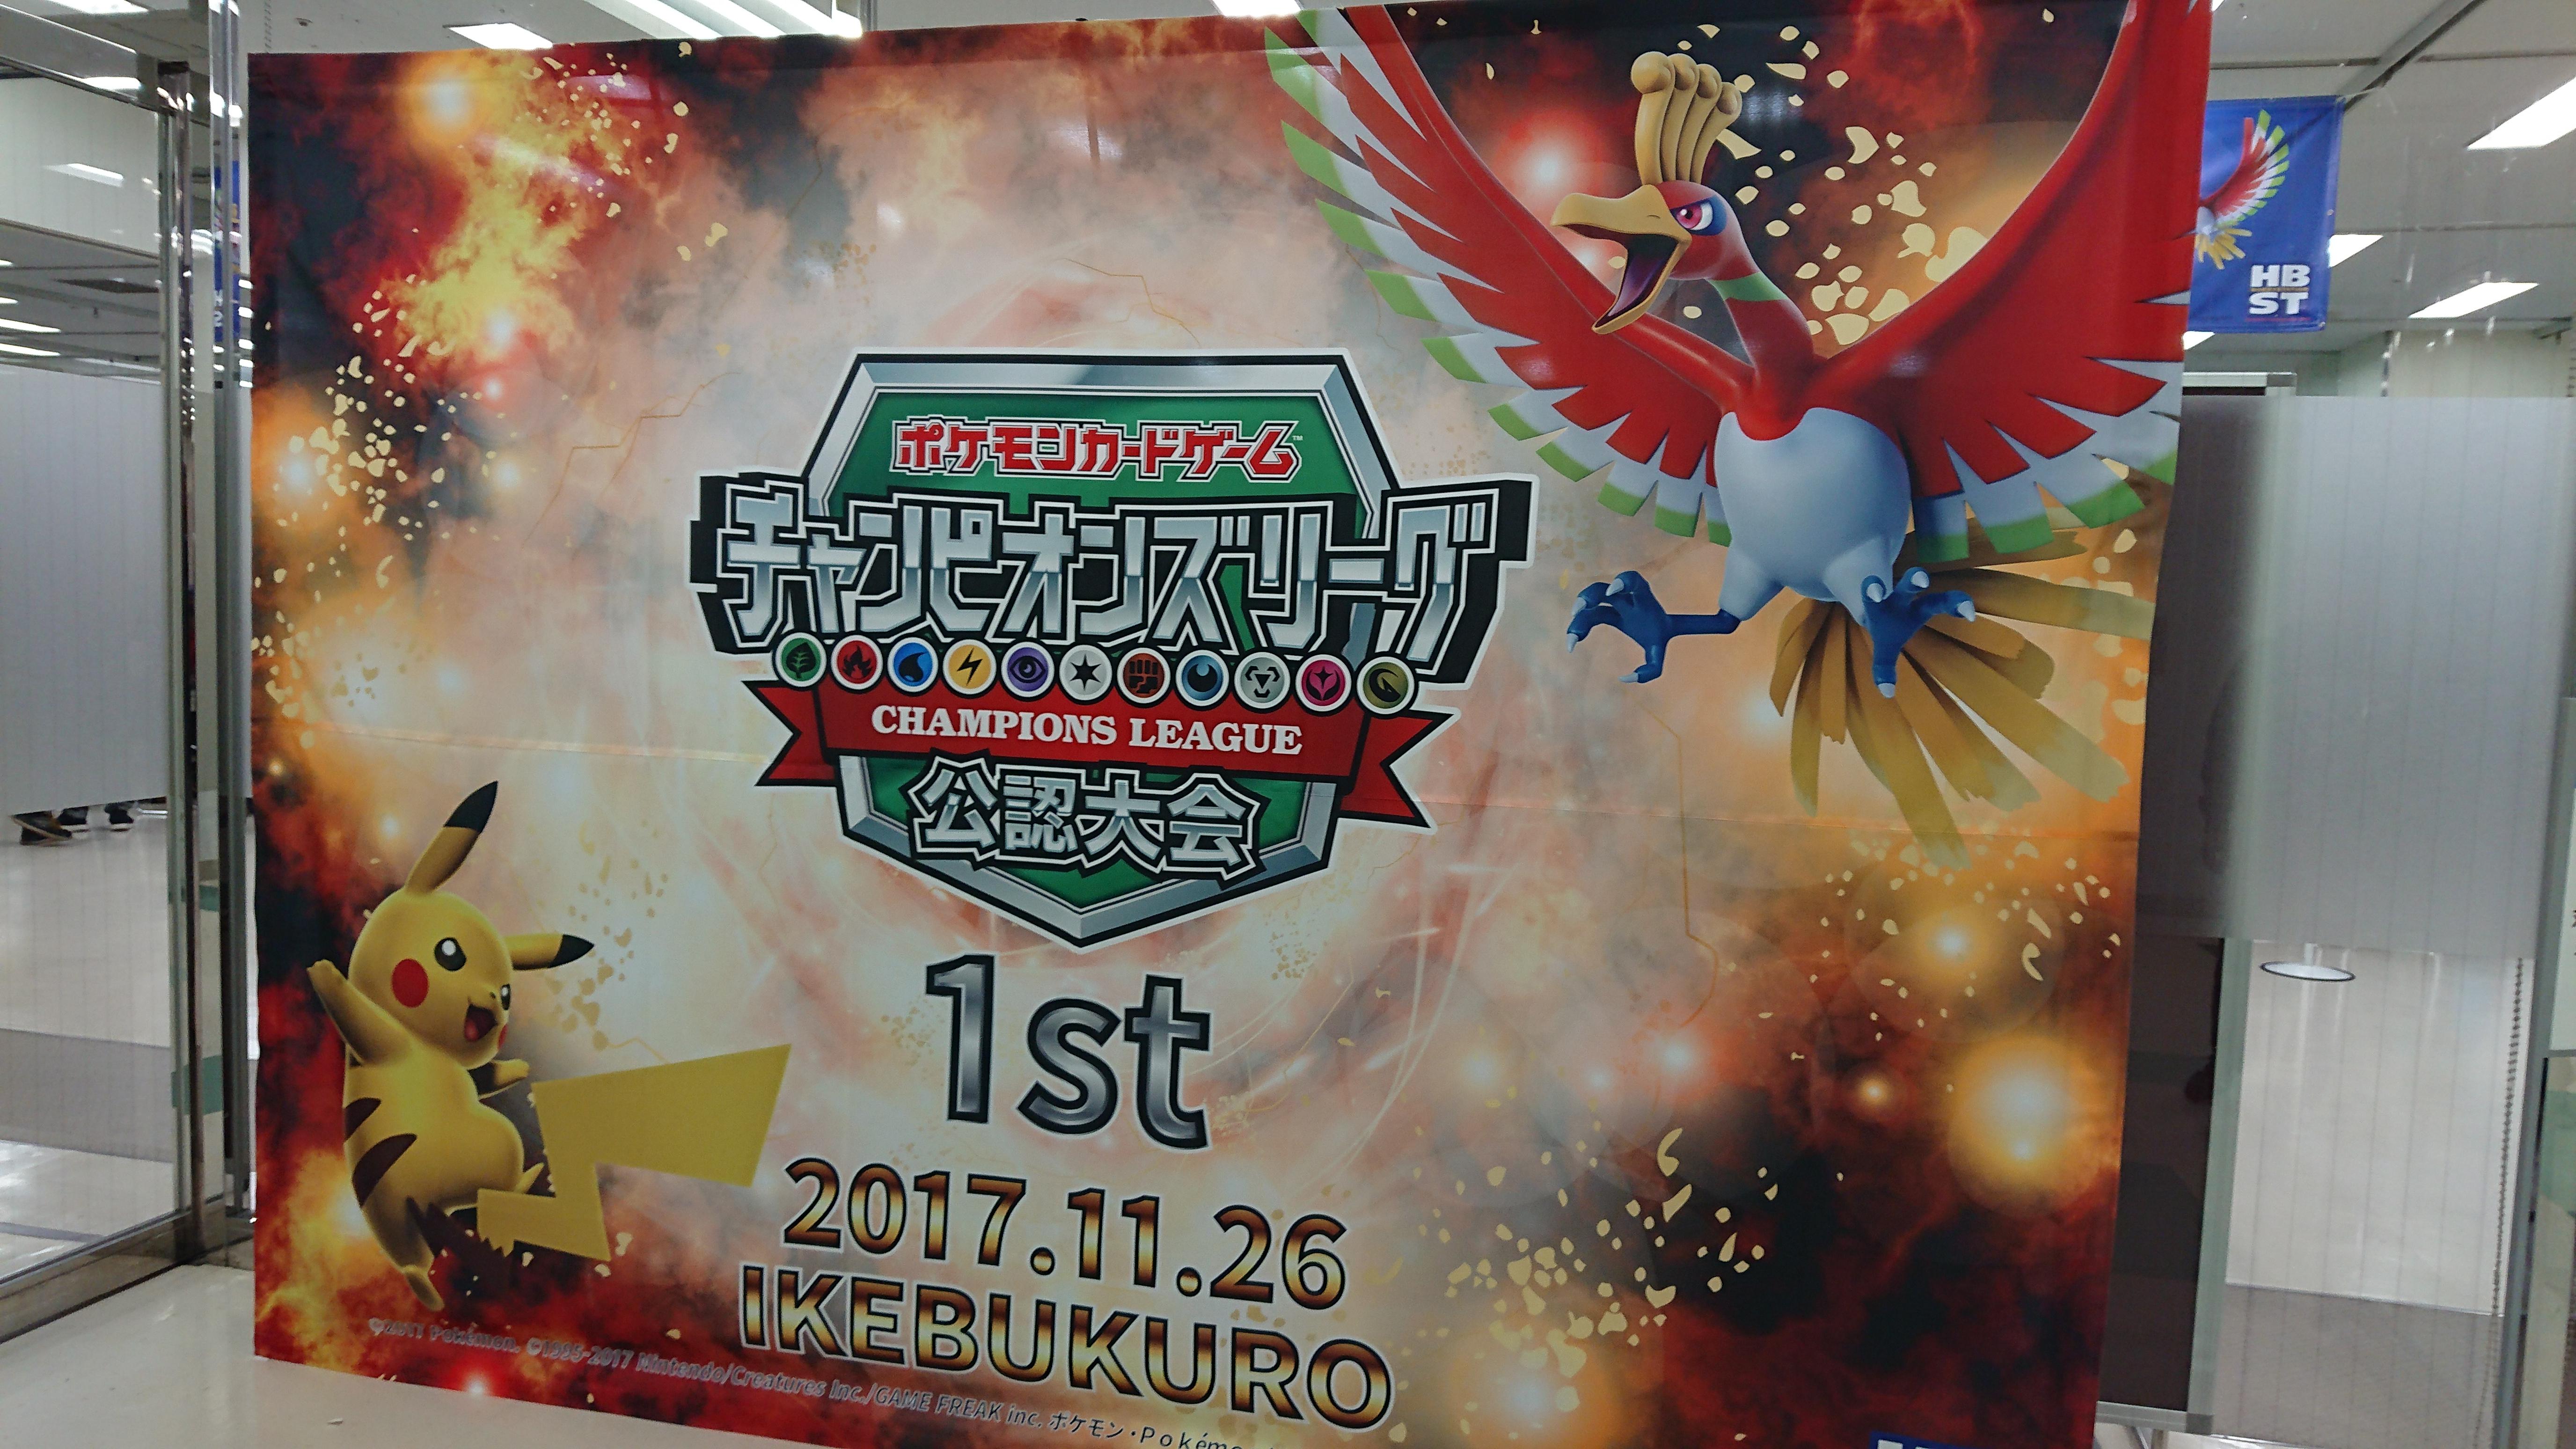 池袋で開かれた「ポケモンカードゲーム チャンピオンズリーグ2018 公認